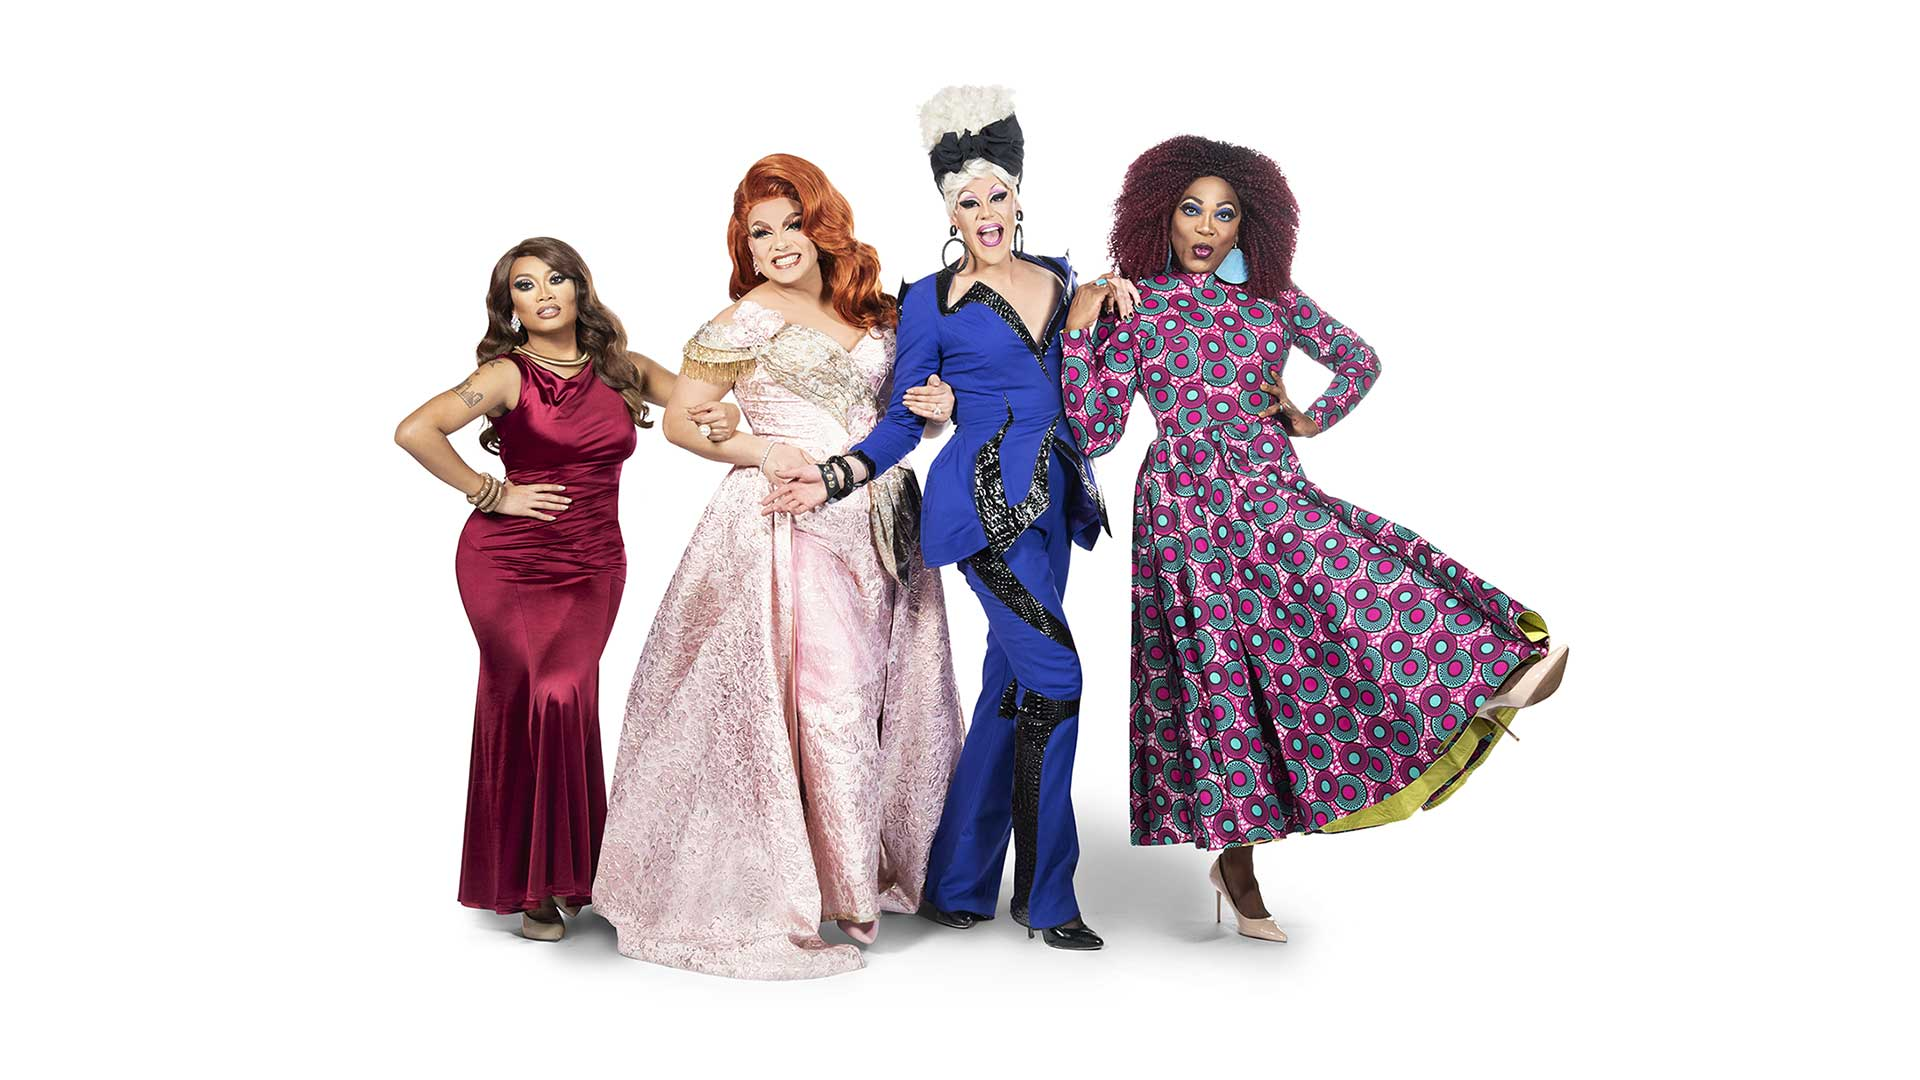 Alexis Michelle, BeBe Zahara Benet, Jujubee y Thorgy Thor llenarán de brillo y glamour las noches de los lunes en DKISS